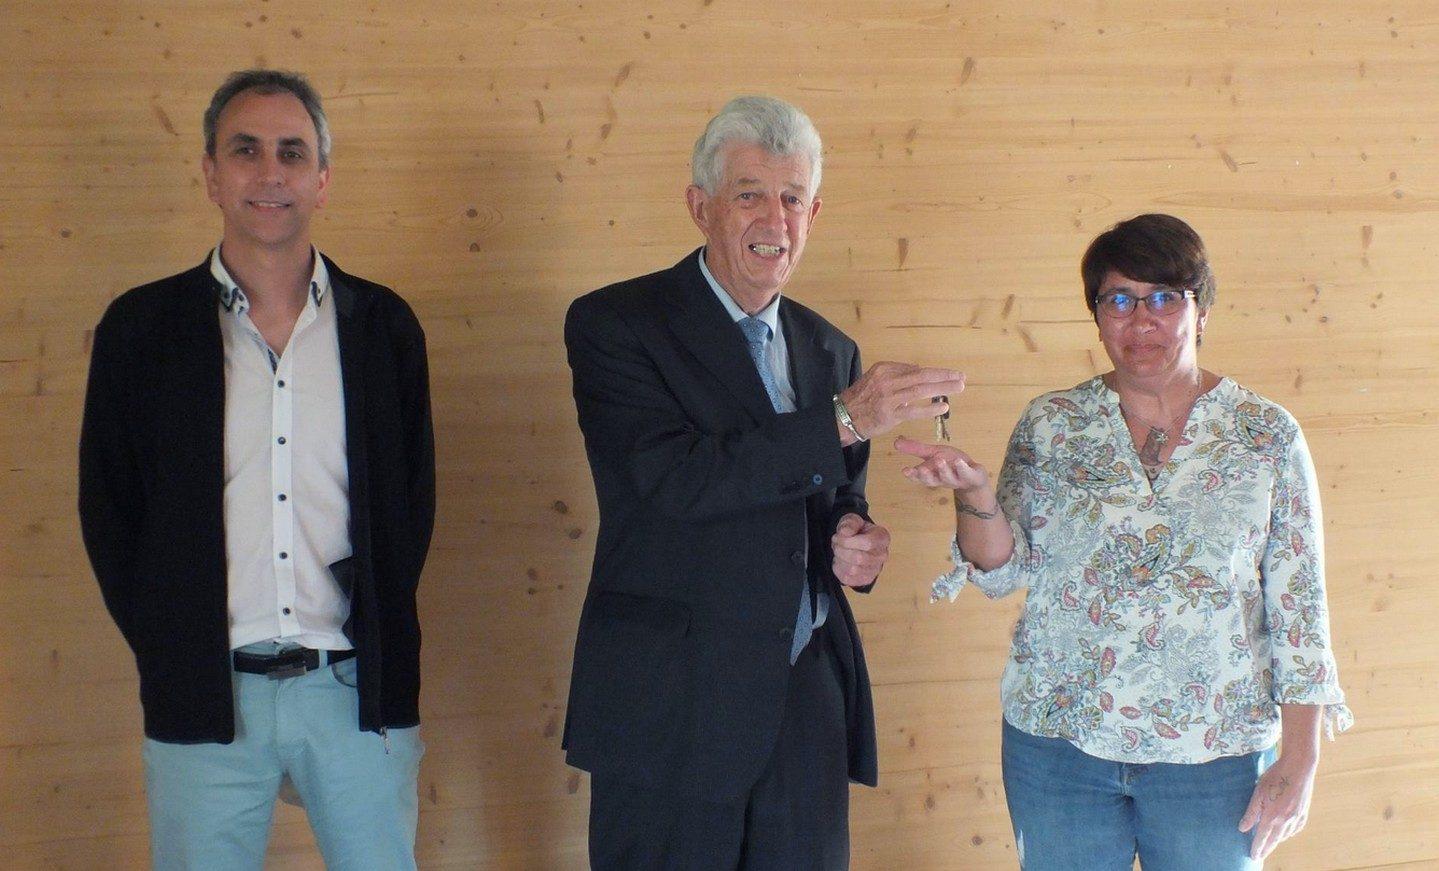 12 mai 2021 Jacques Adriansen remet les clefs de la mairie à Maëlle Billard la nouvelle secrétaire, Alexandre Morel lui cède sa place.